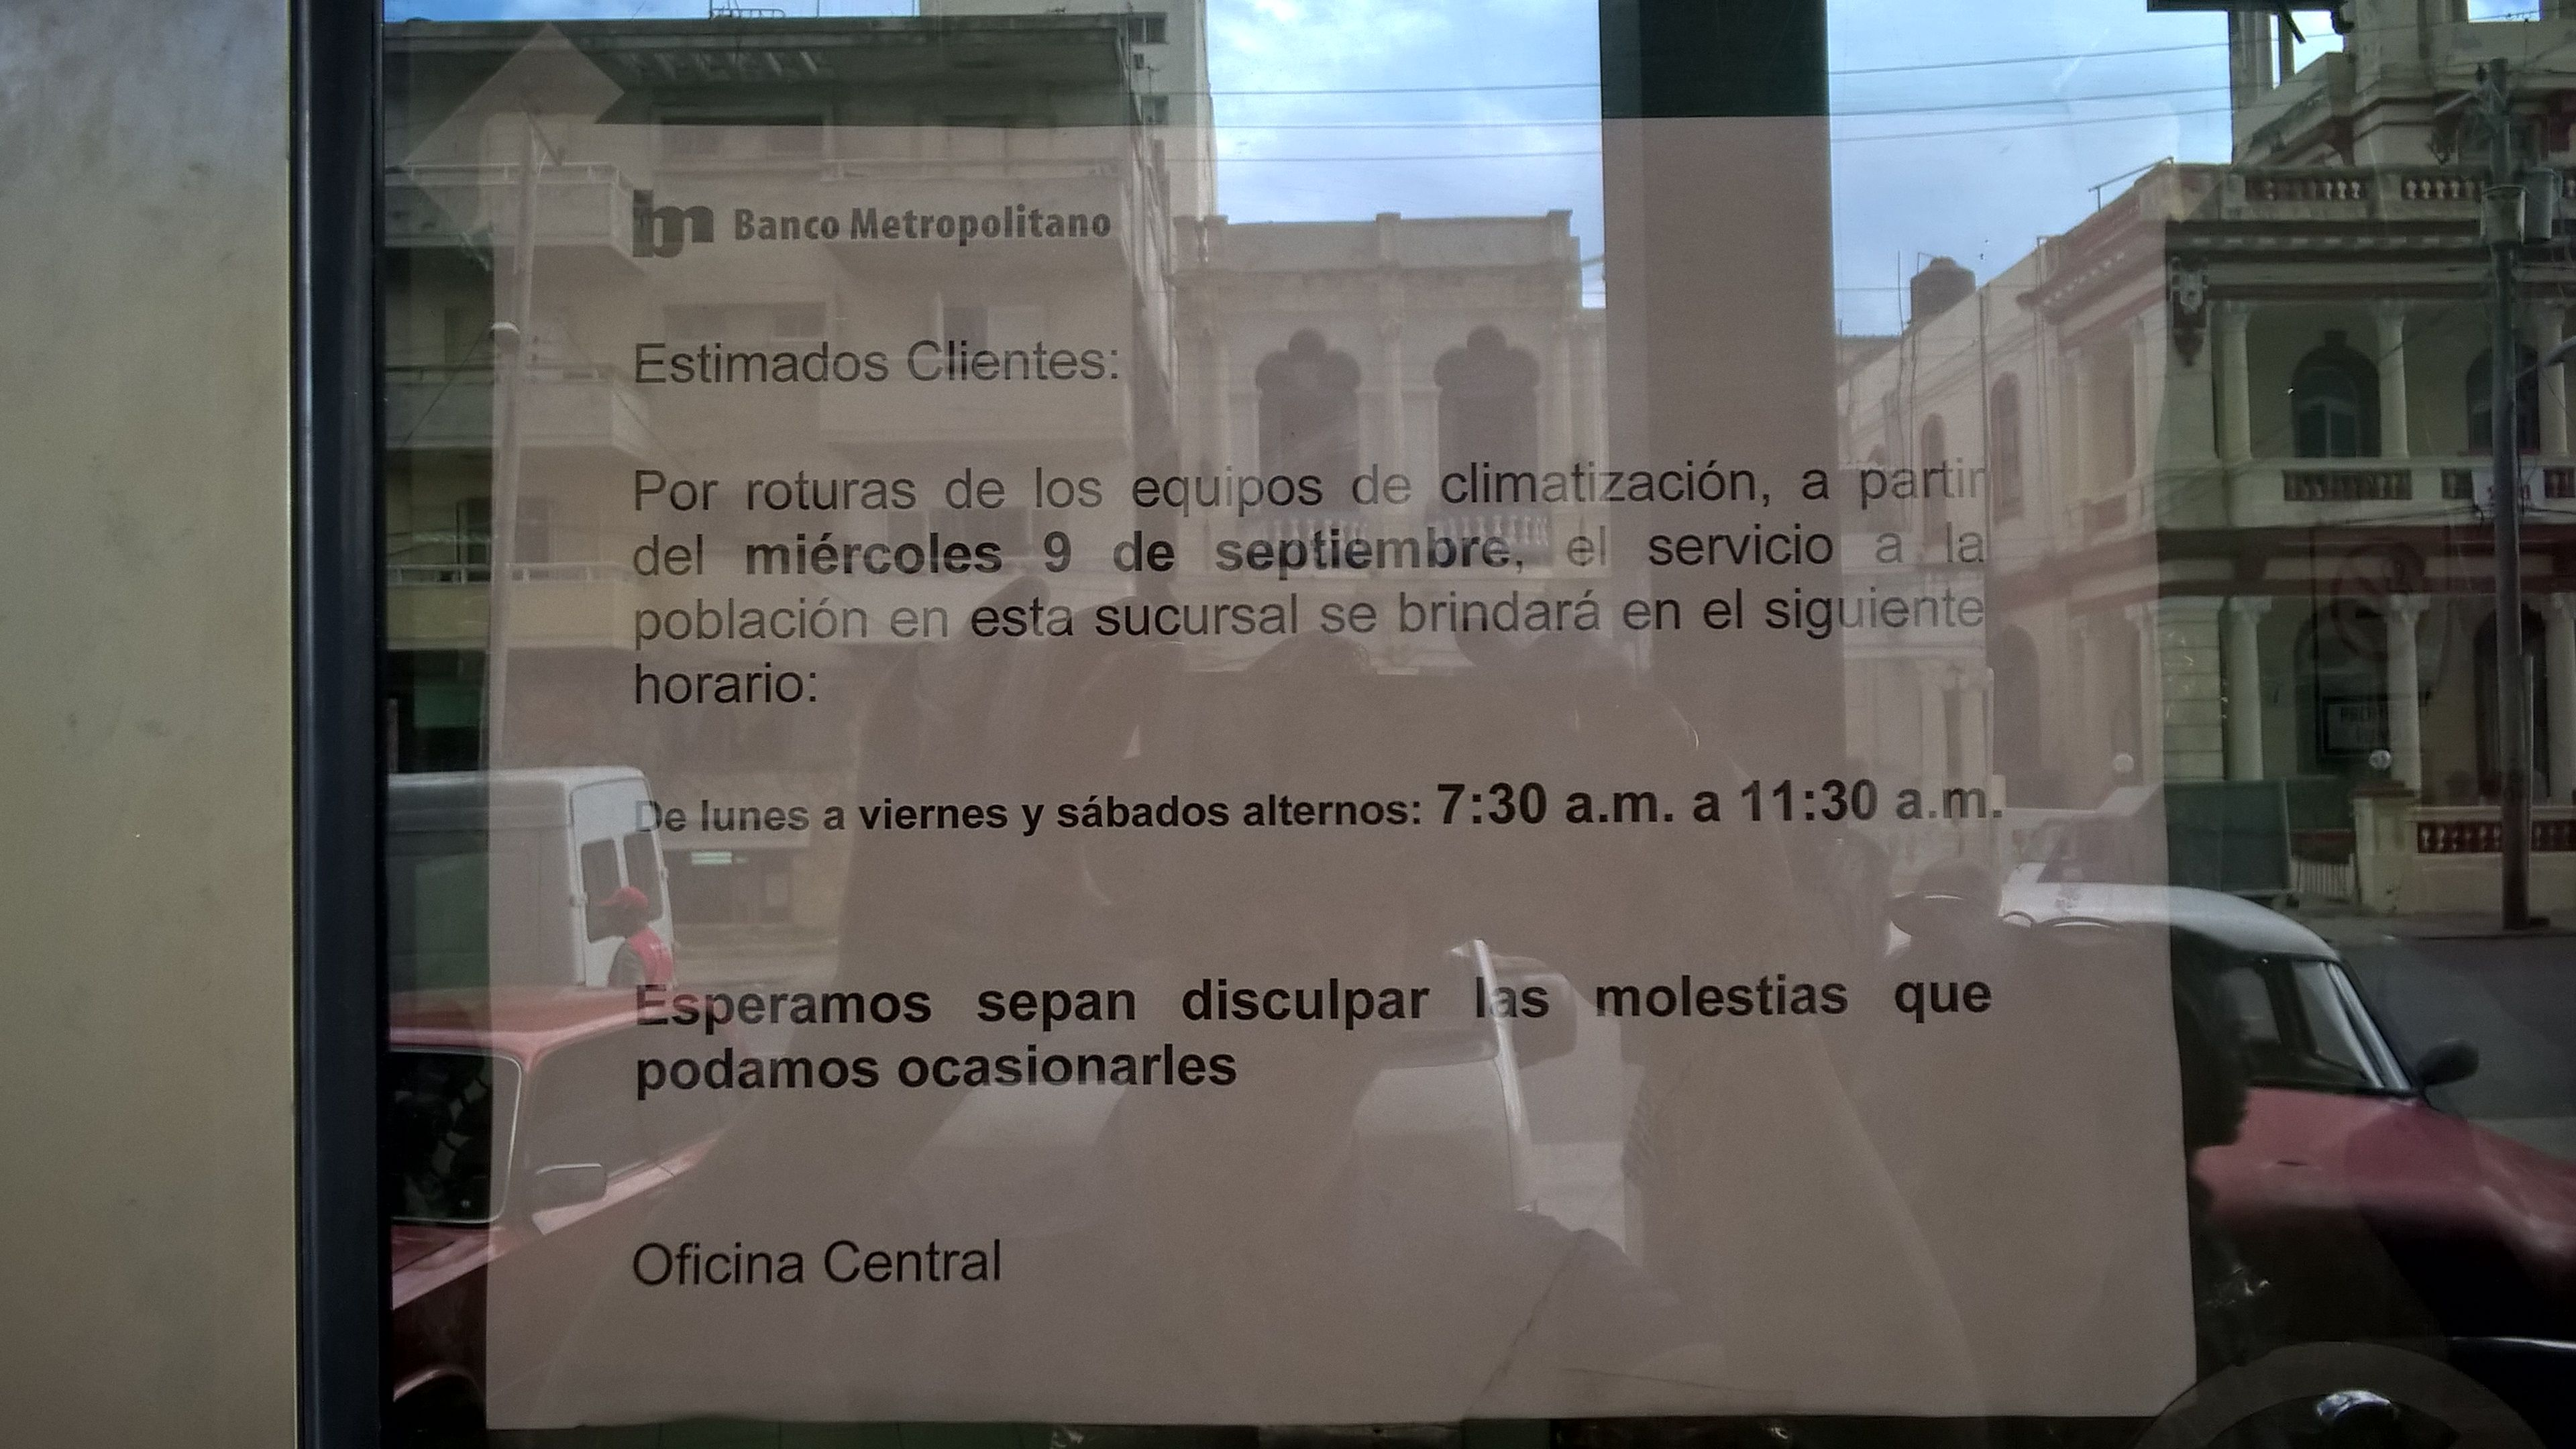 Diese Bank ist geschlossen, da die Klimaanlage nicht funktioniert - Zettel im Fenster